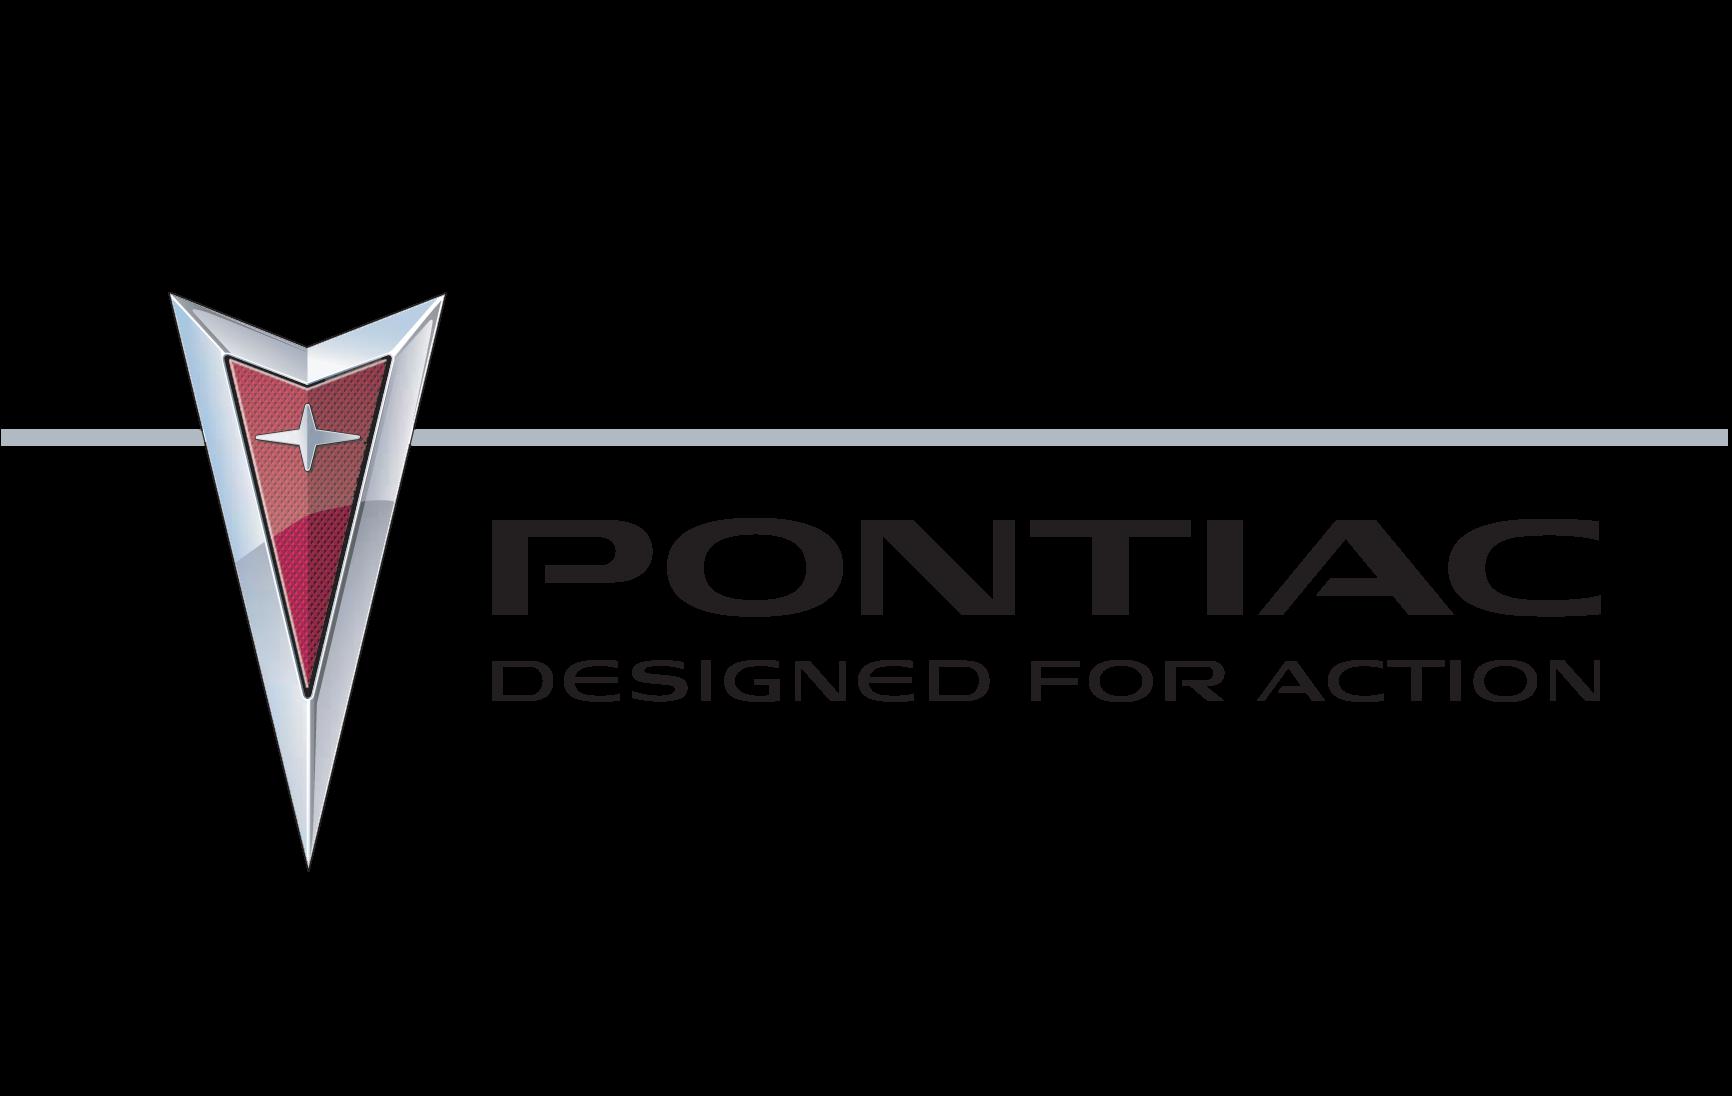 logo of pontiac